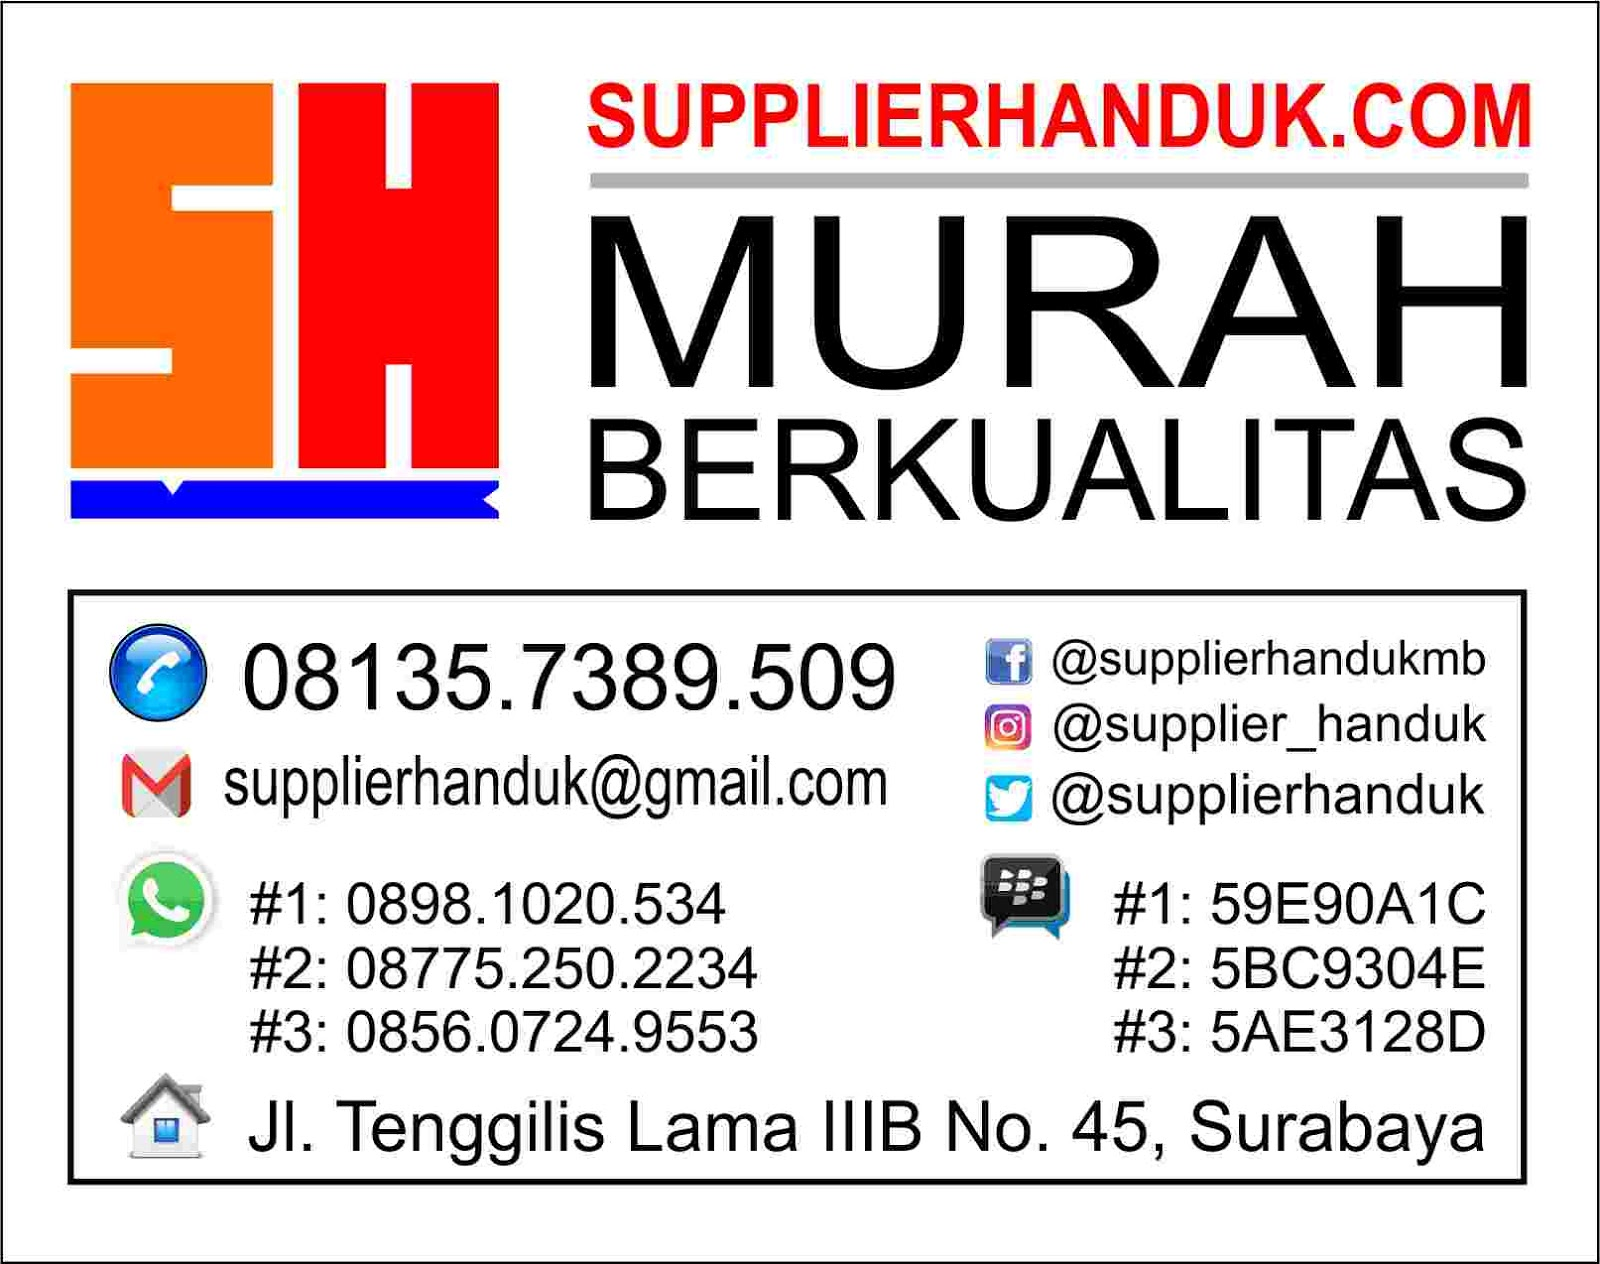 TENTANG SUPPLIER HANDUK MURAH BERKUALITAS